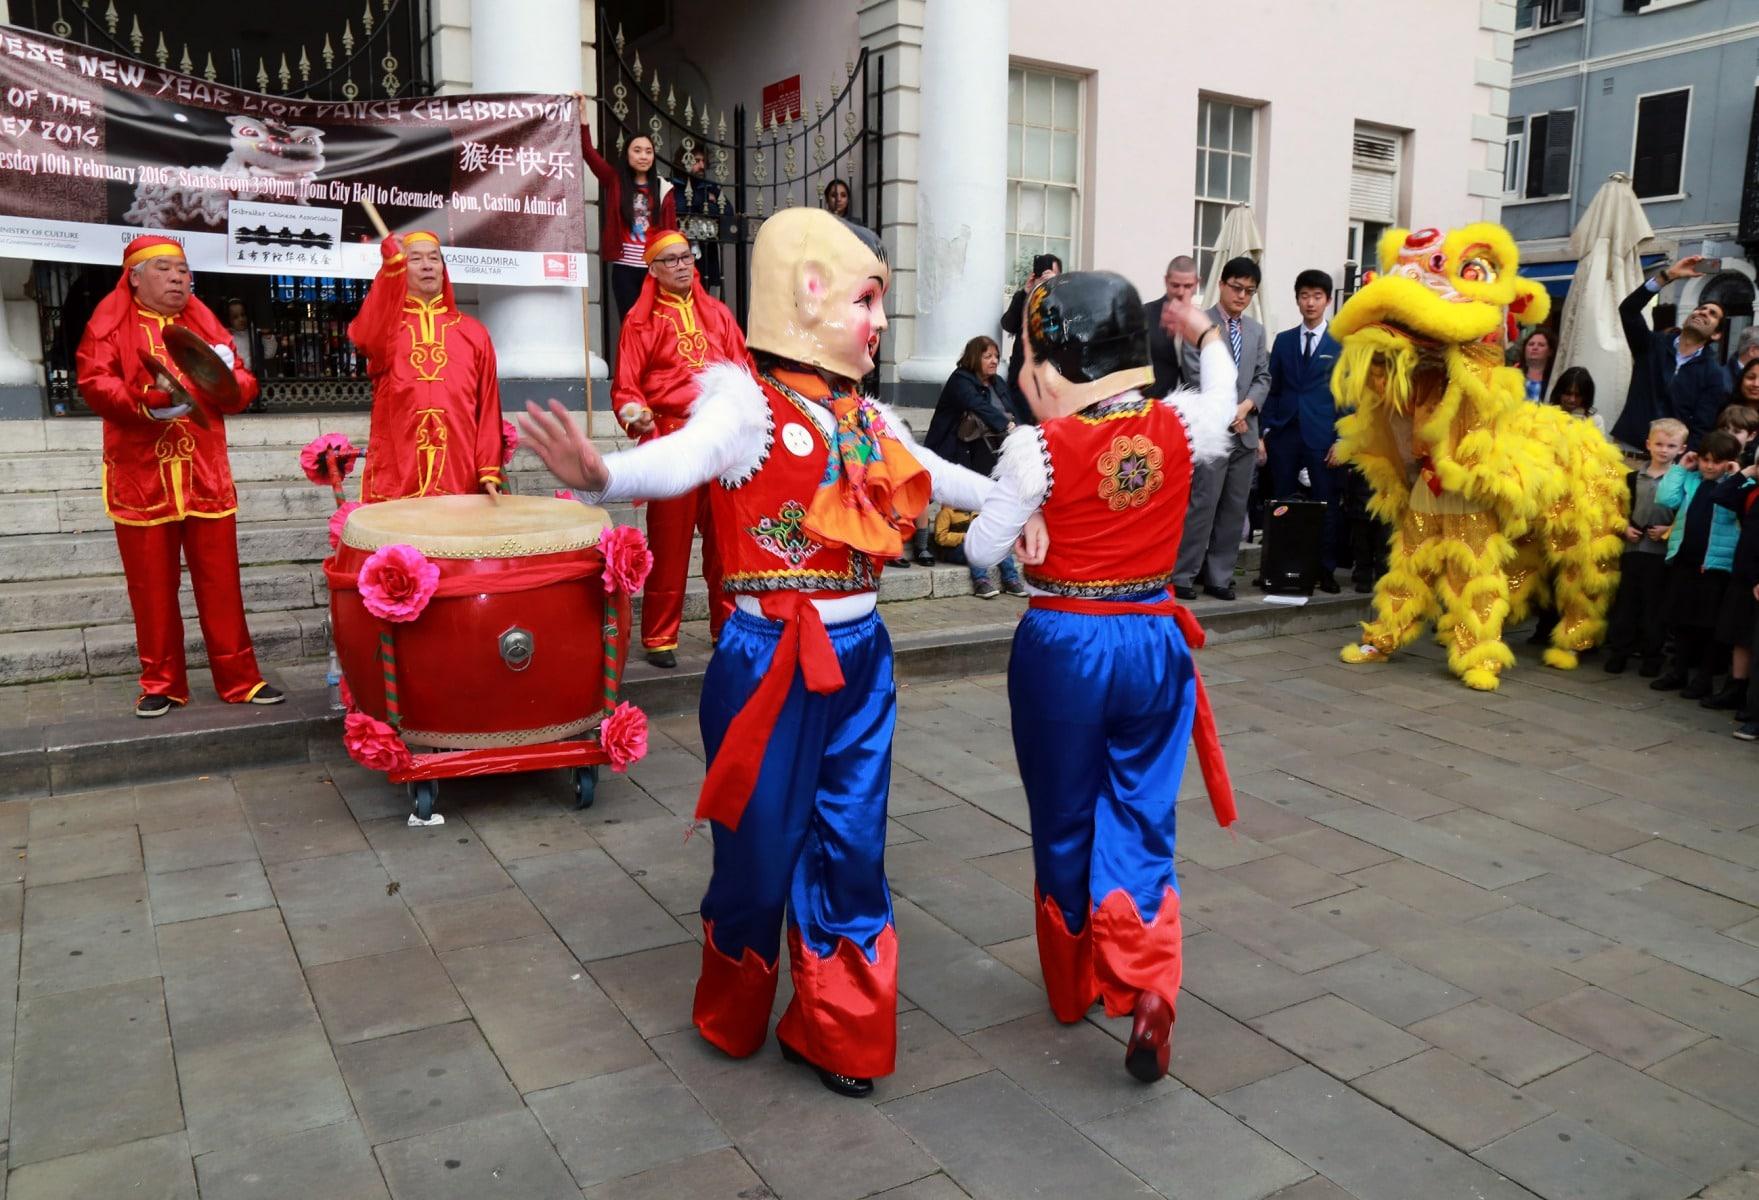 10-feb-2016-celebracin-en-gibraltar-del-ao-nuevo-chino-12_24573482099_o